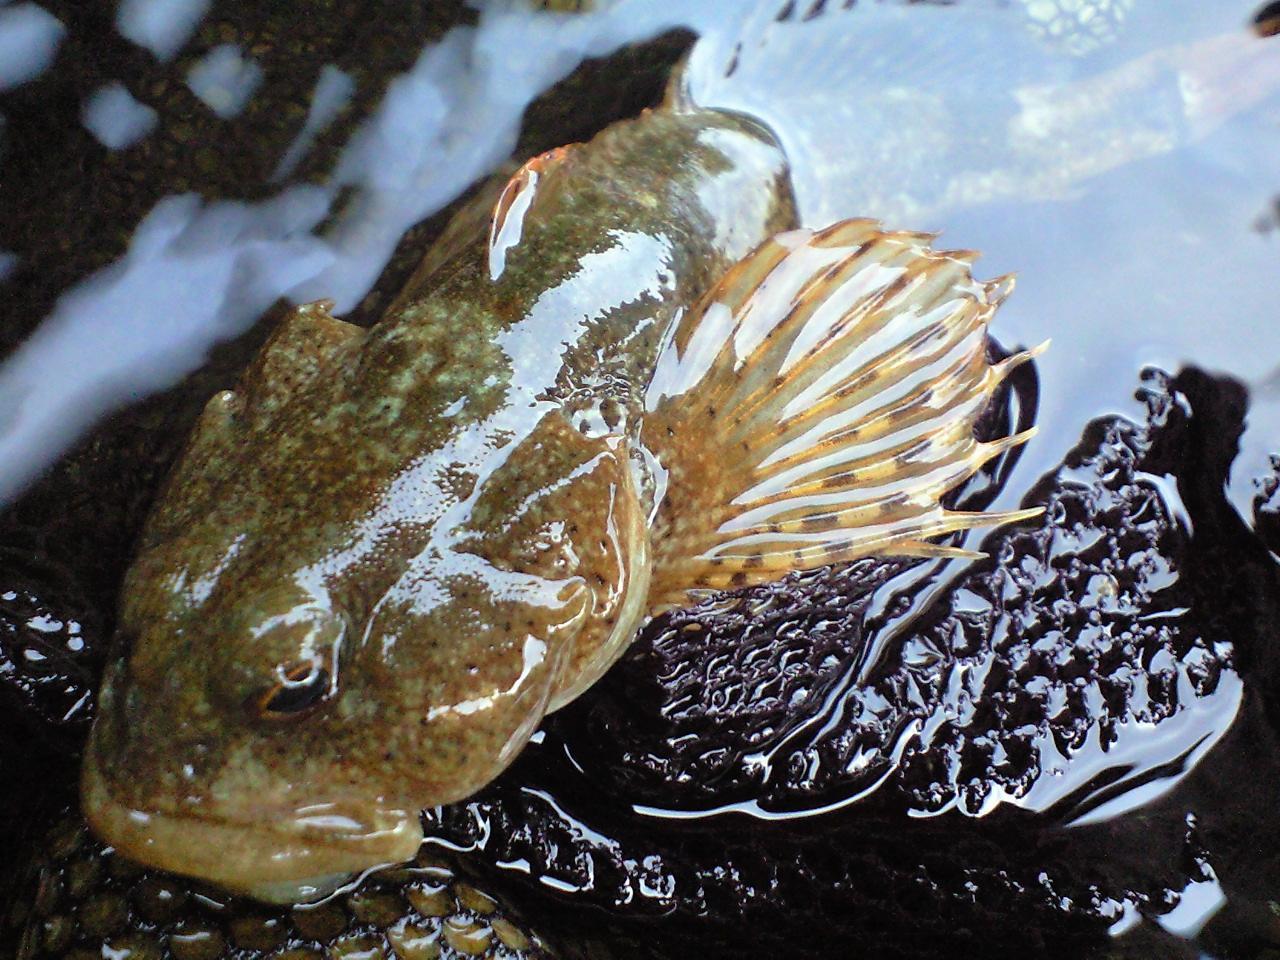 魚へんに 石 でなんと読む 鮖 の正しい読み方 由来をご紹介 魚へんの漢字辞典 釣りラボマガジン